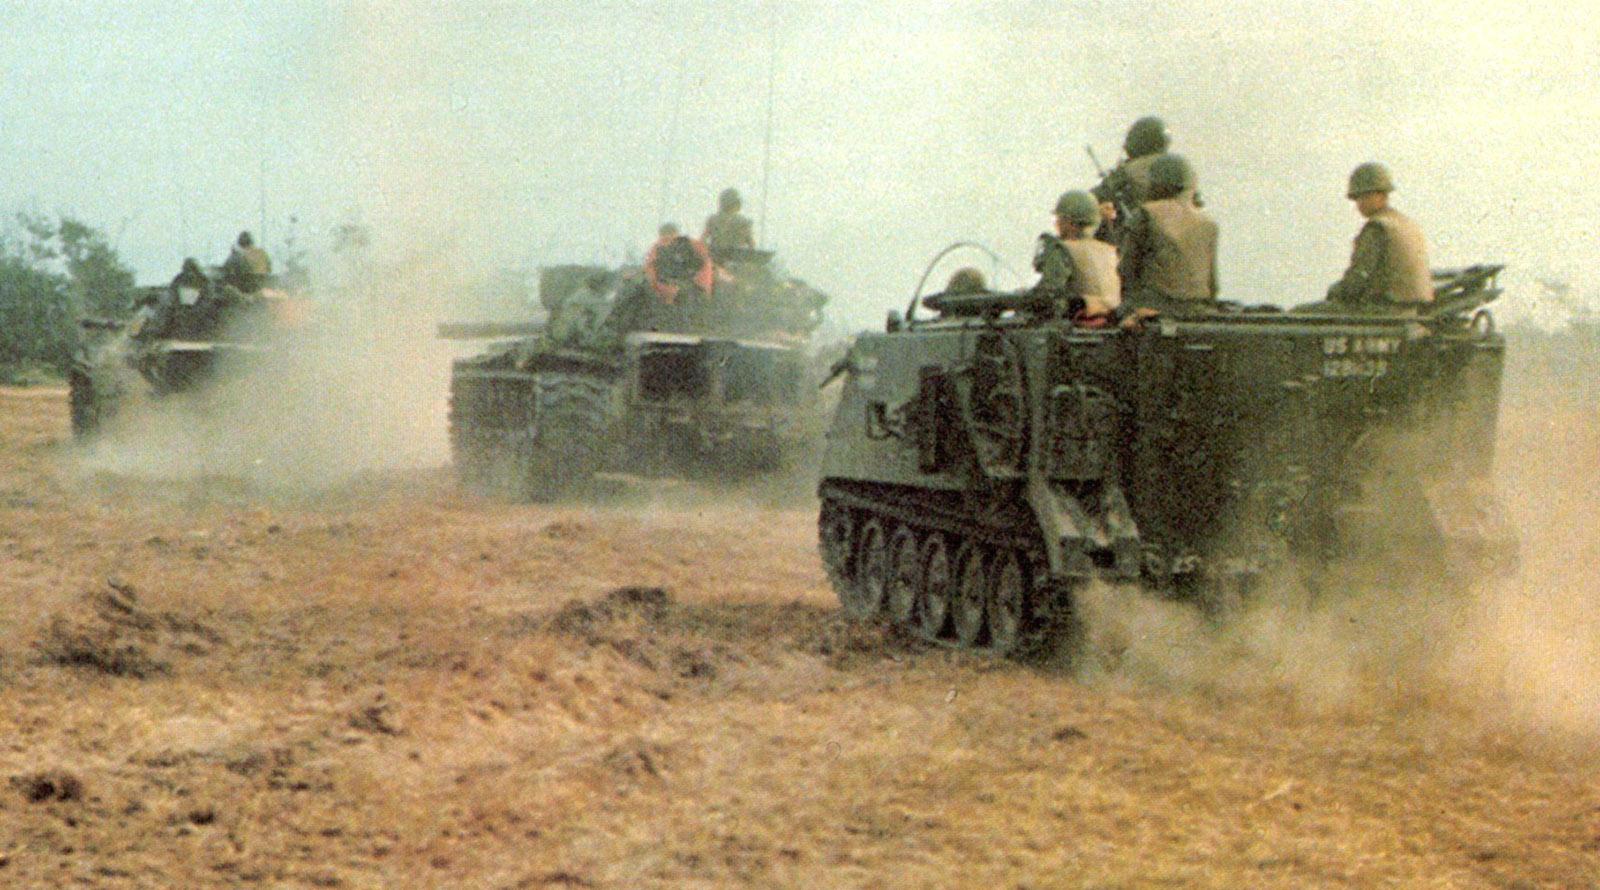 11th_armored_cedar_falls.jpg